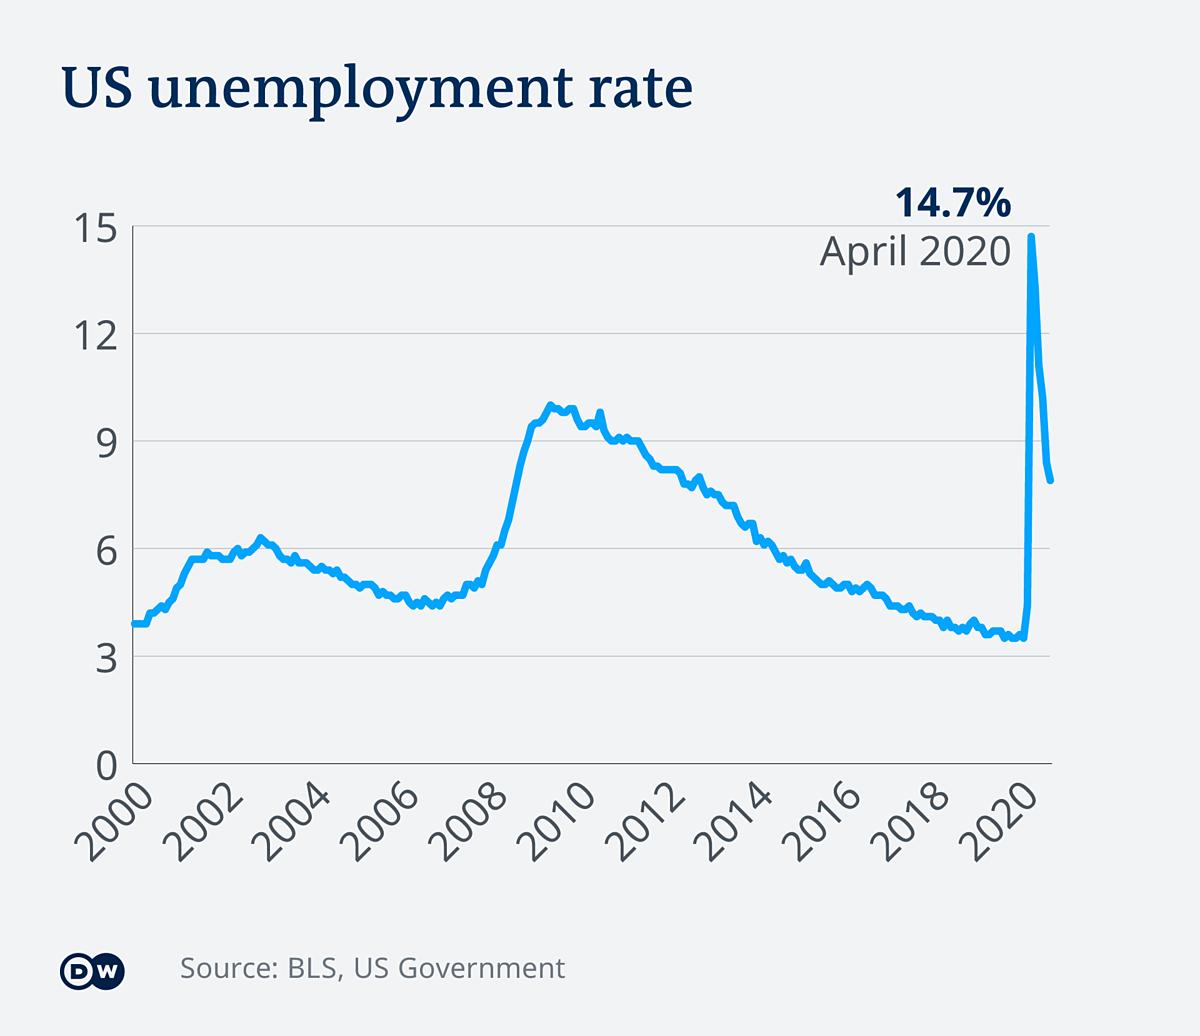 Tỷ lệ thất nghiệp ở Mỹ từ năm 2000 đến năm 2020.